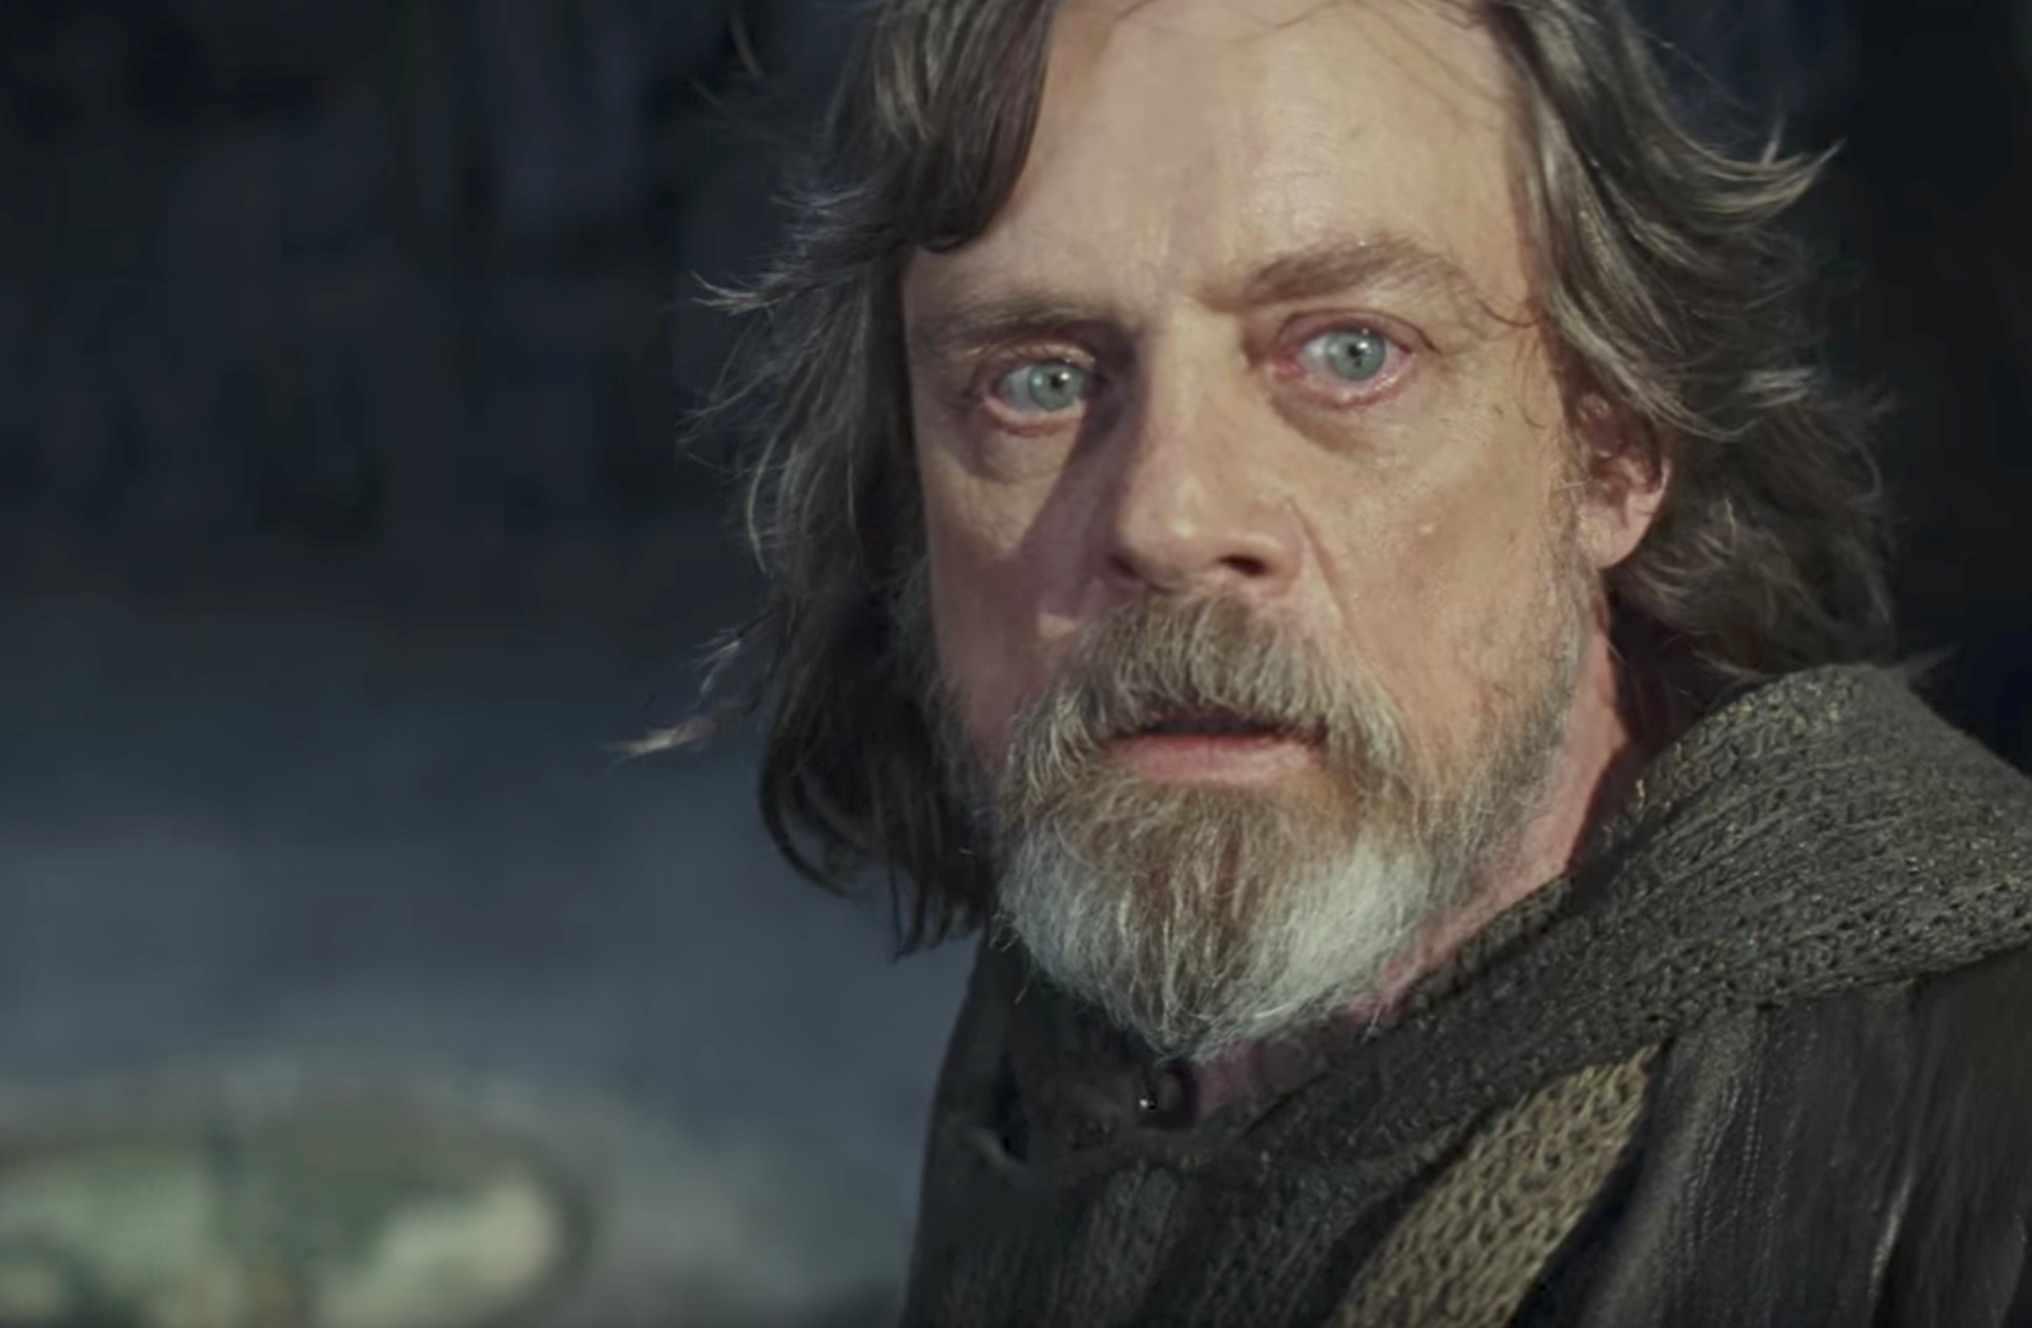 Luke Skywalker in the latest Star Wars: Last Jedi trailer (YouTube, JG)